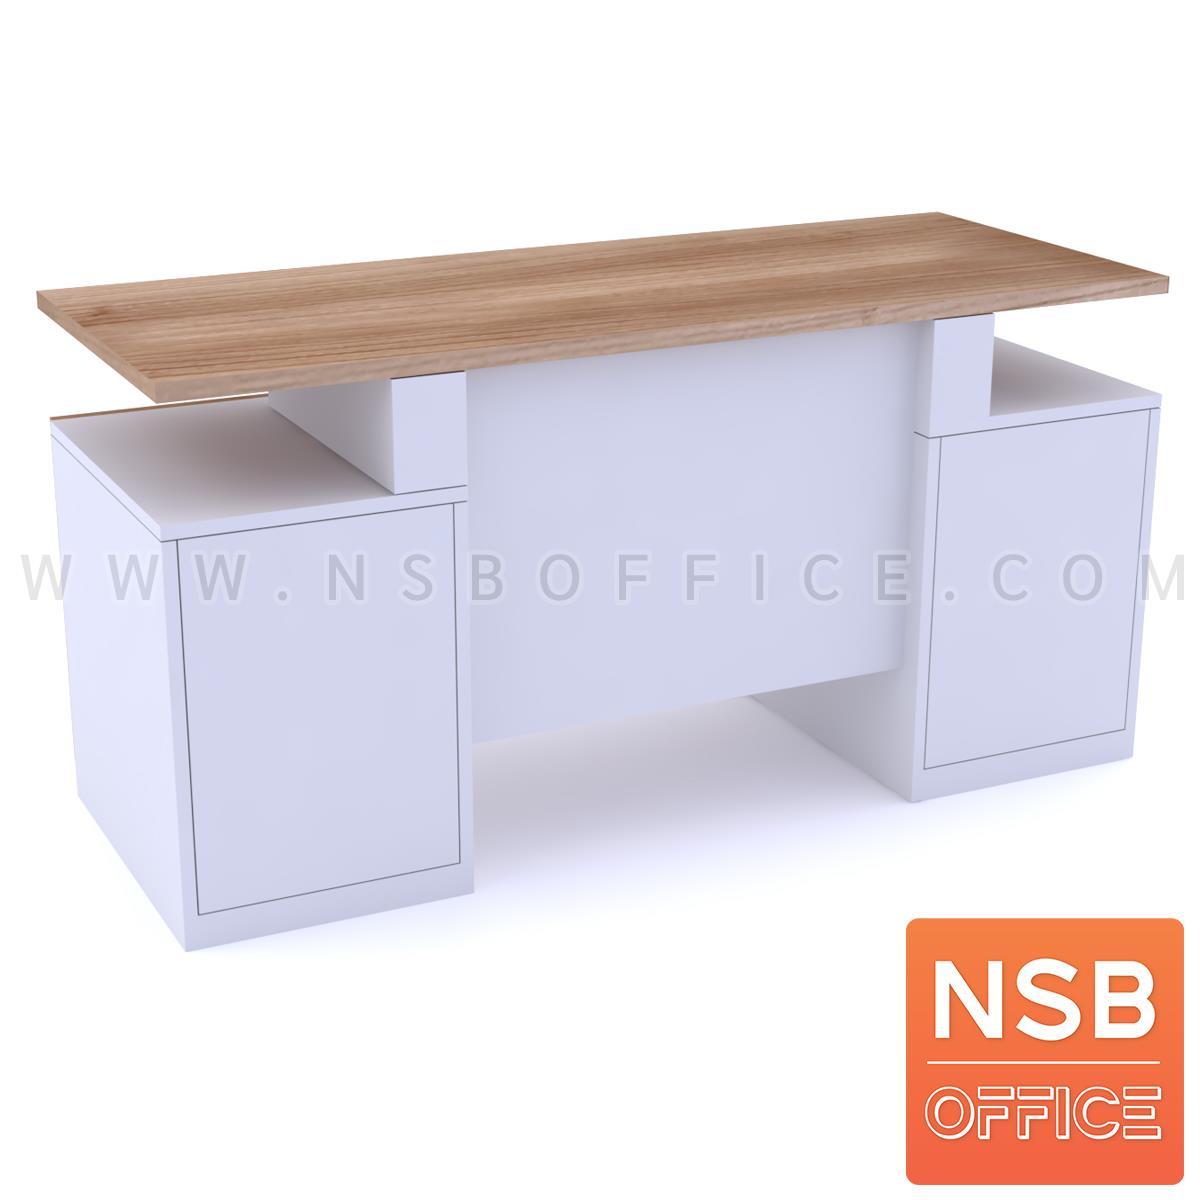 โต๊ะทำงาน 4 ลิ้นชัก รุ่น Nixon (นิกซัน) ขนาด 150W ,180W cm.  เมลามีน